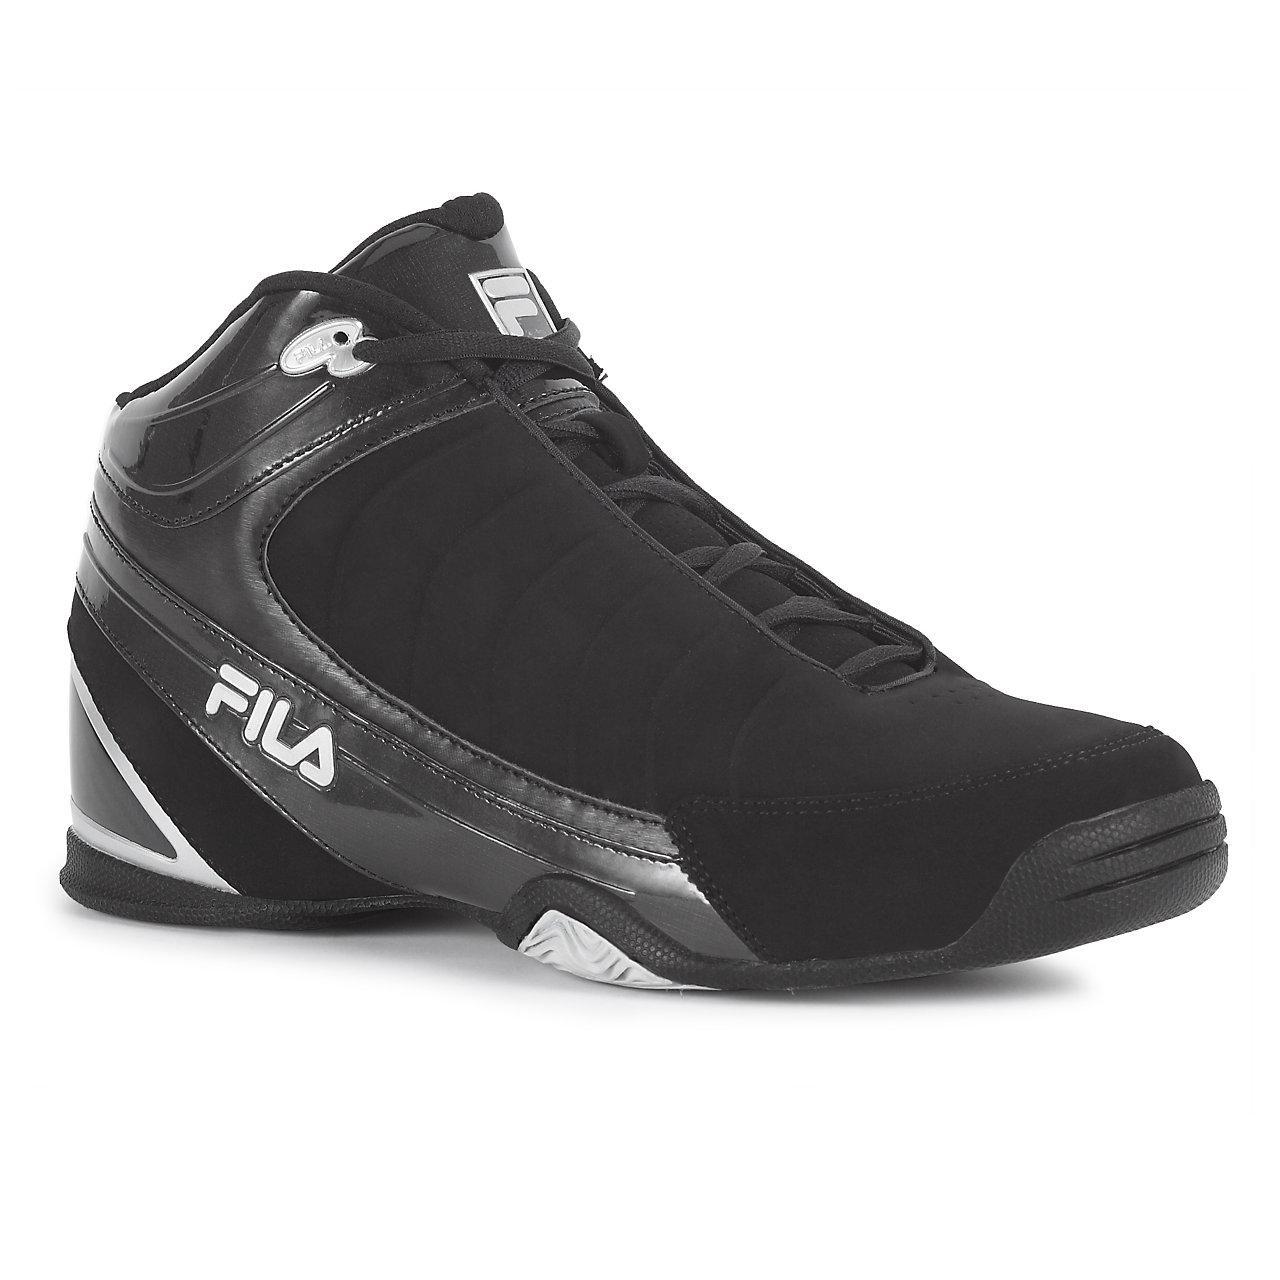 fila men 39 s basketball dls game filabuck synthetic shoes ebay. Black Bedroom Furniture Sets. Home Design Ideas